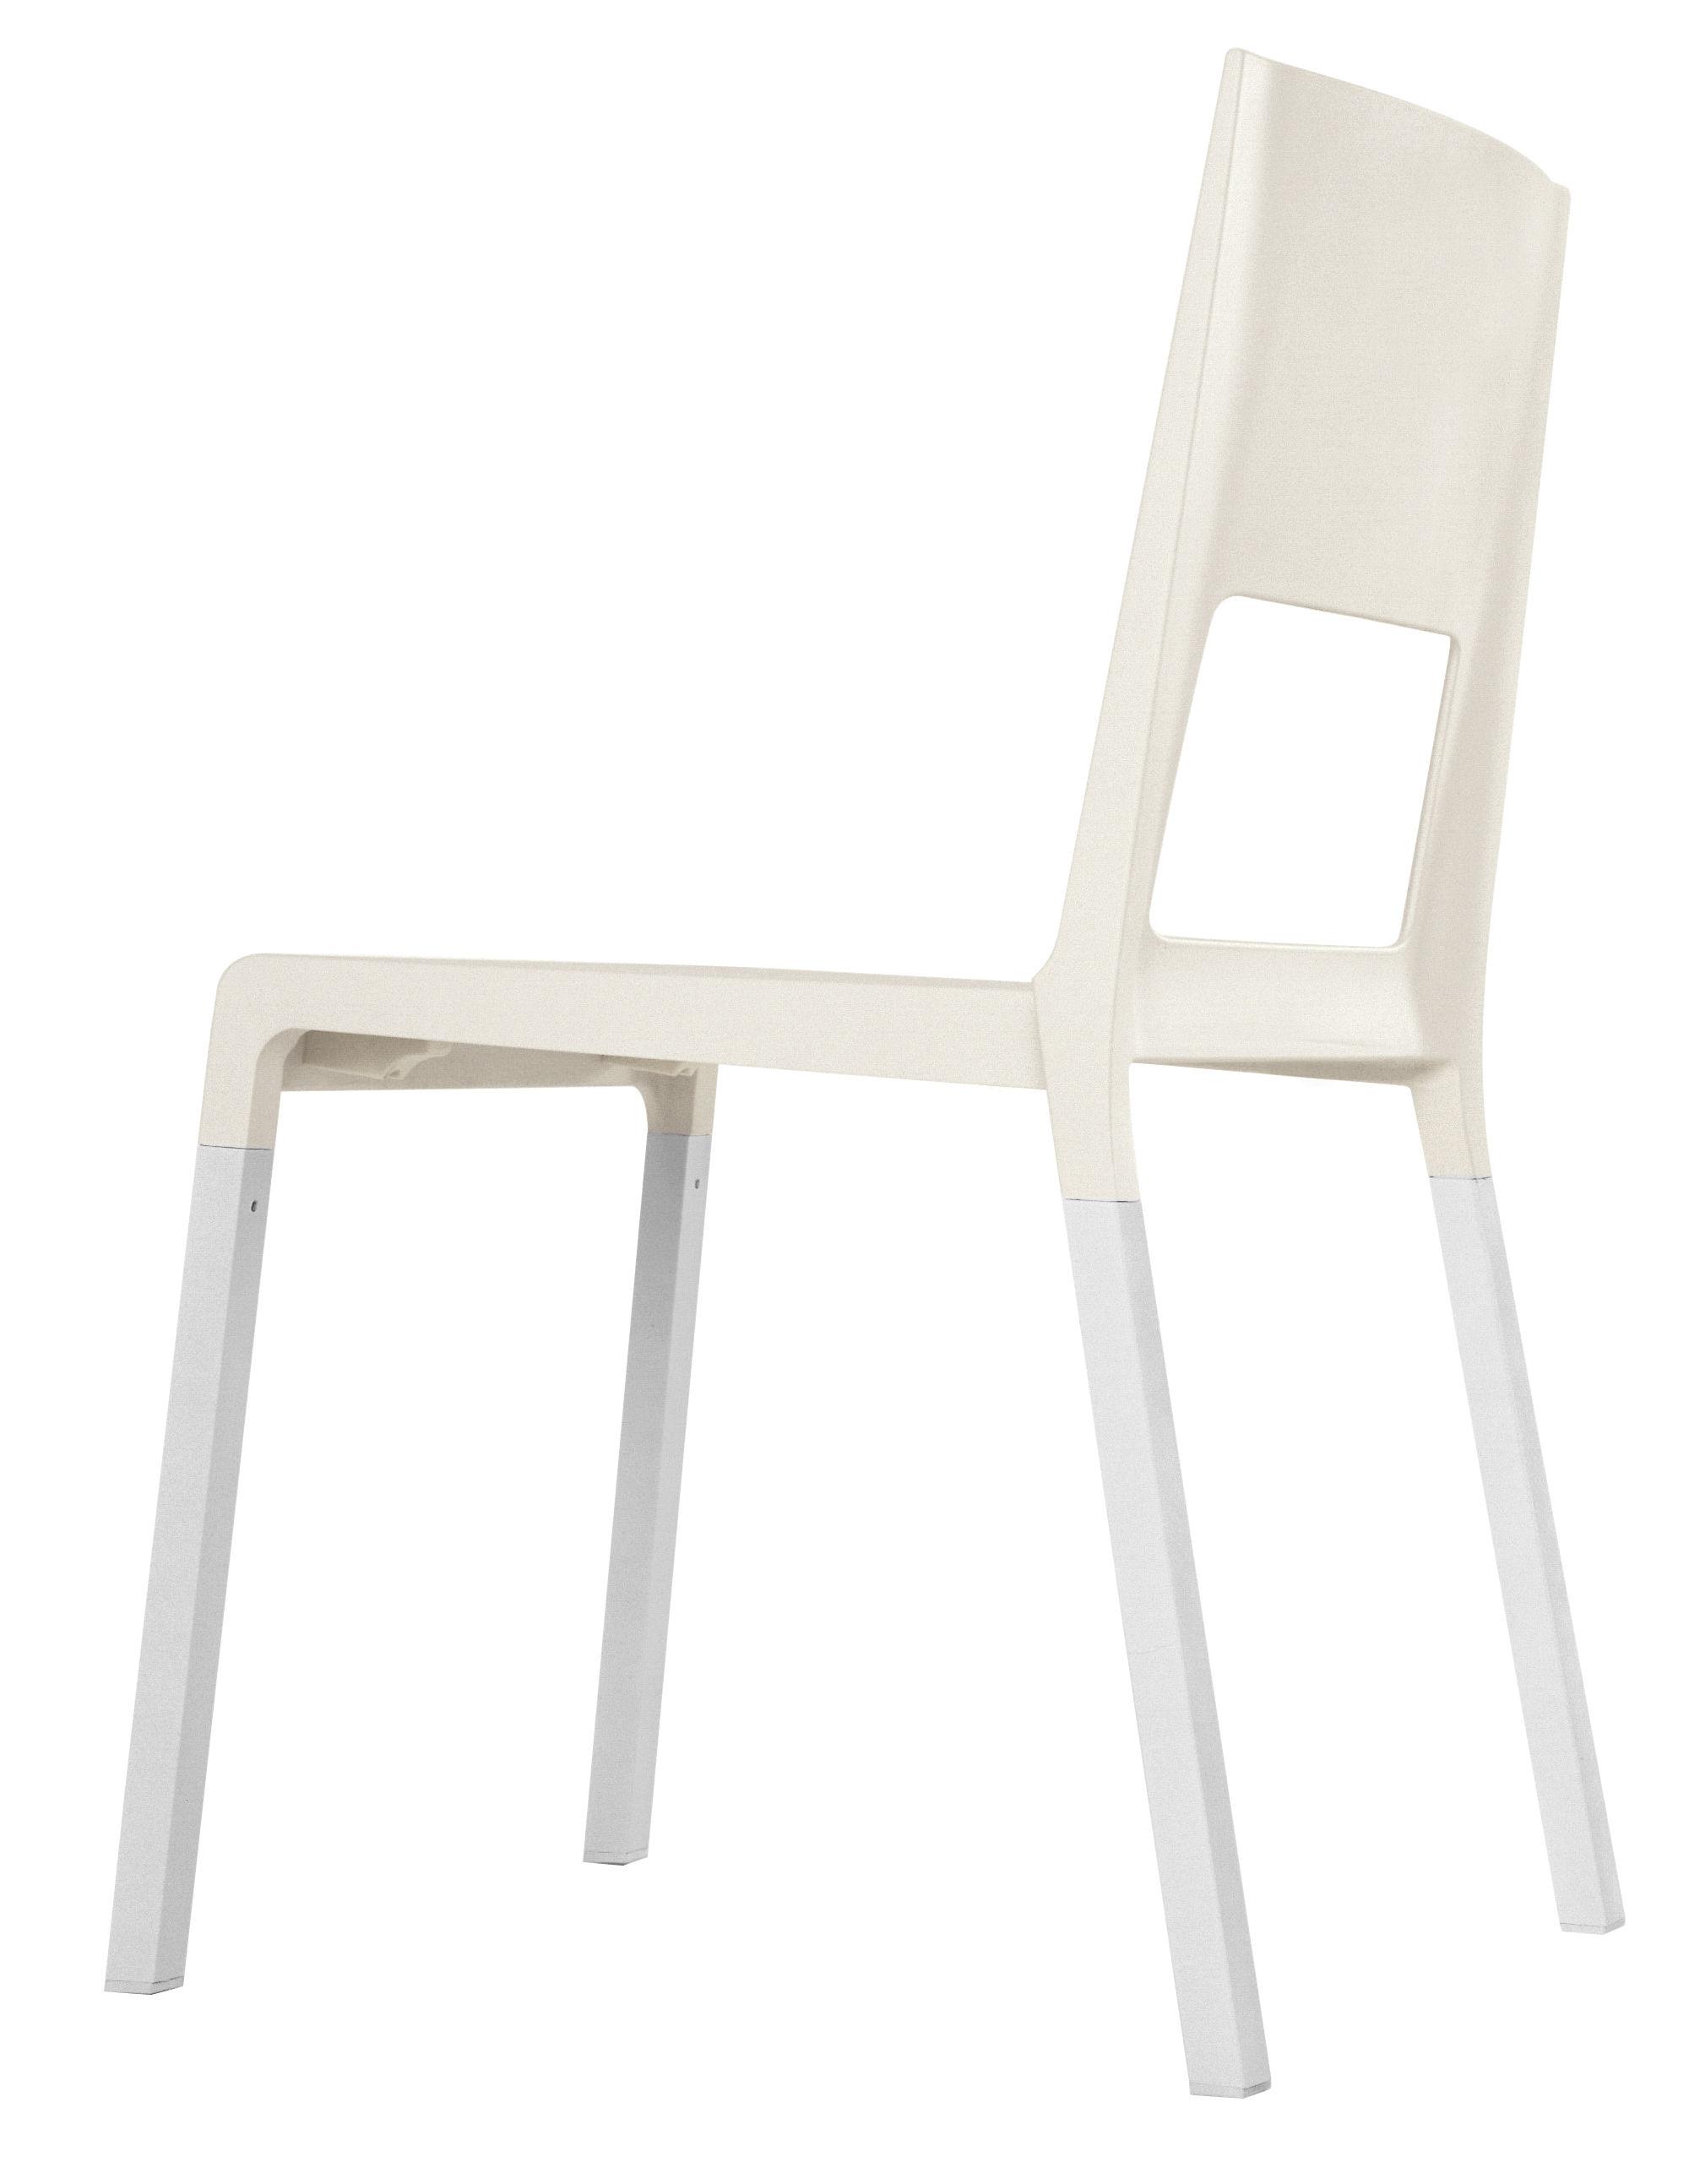 Mobilier - Chaises, fauteuils de salle à manger - Chaise empilable Face / Plastique & pieds métal - Kristalia - Blanc - Aluminium anodisé, Polyuréthane